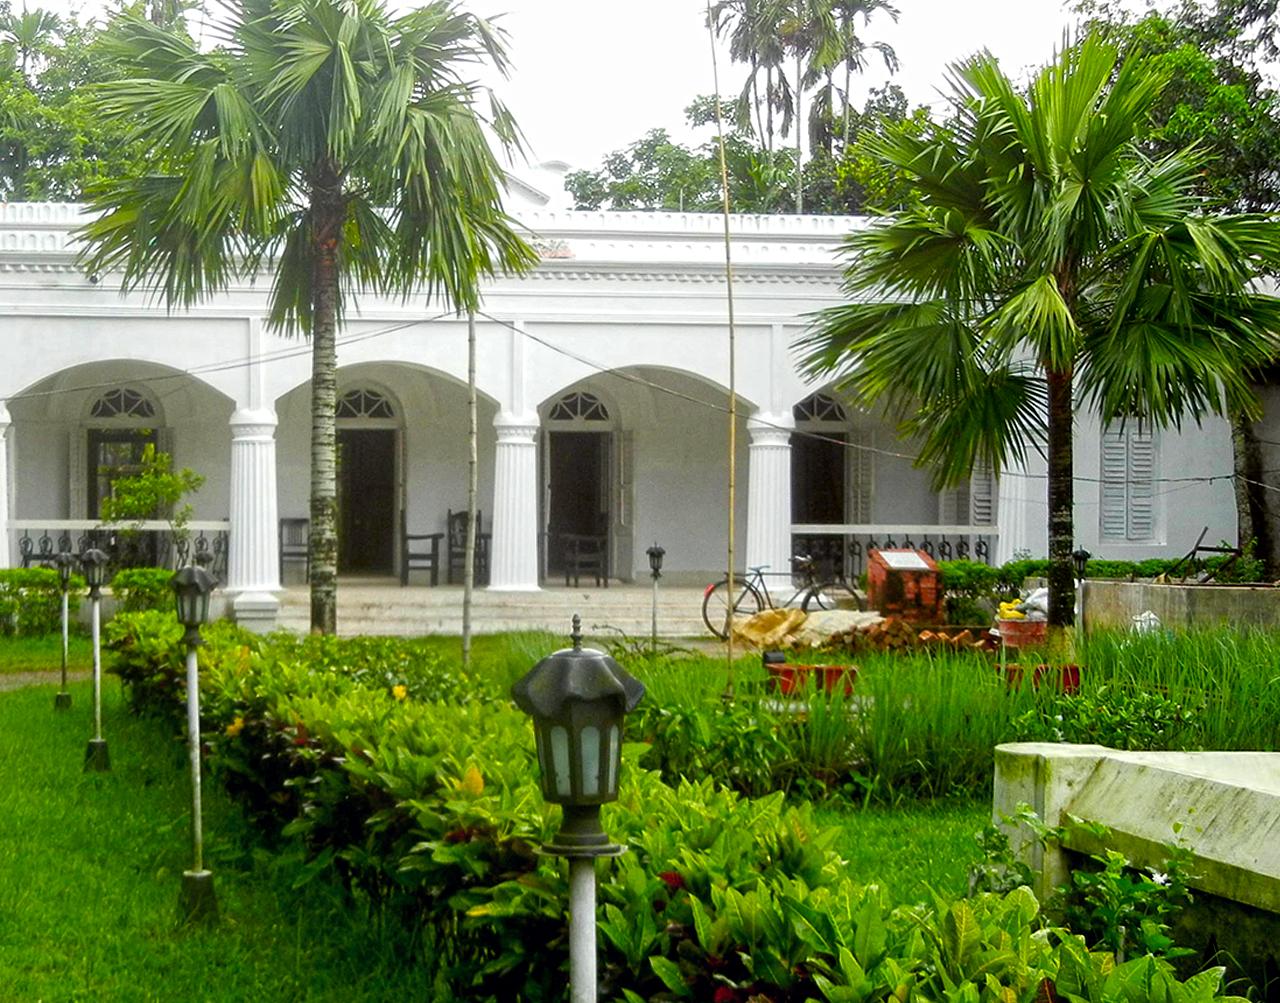 File:Jitu-Miah'r-Bari-Sylhet.jpg